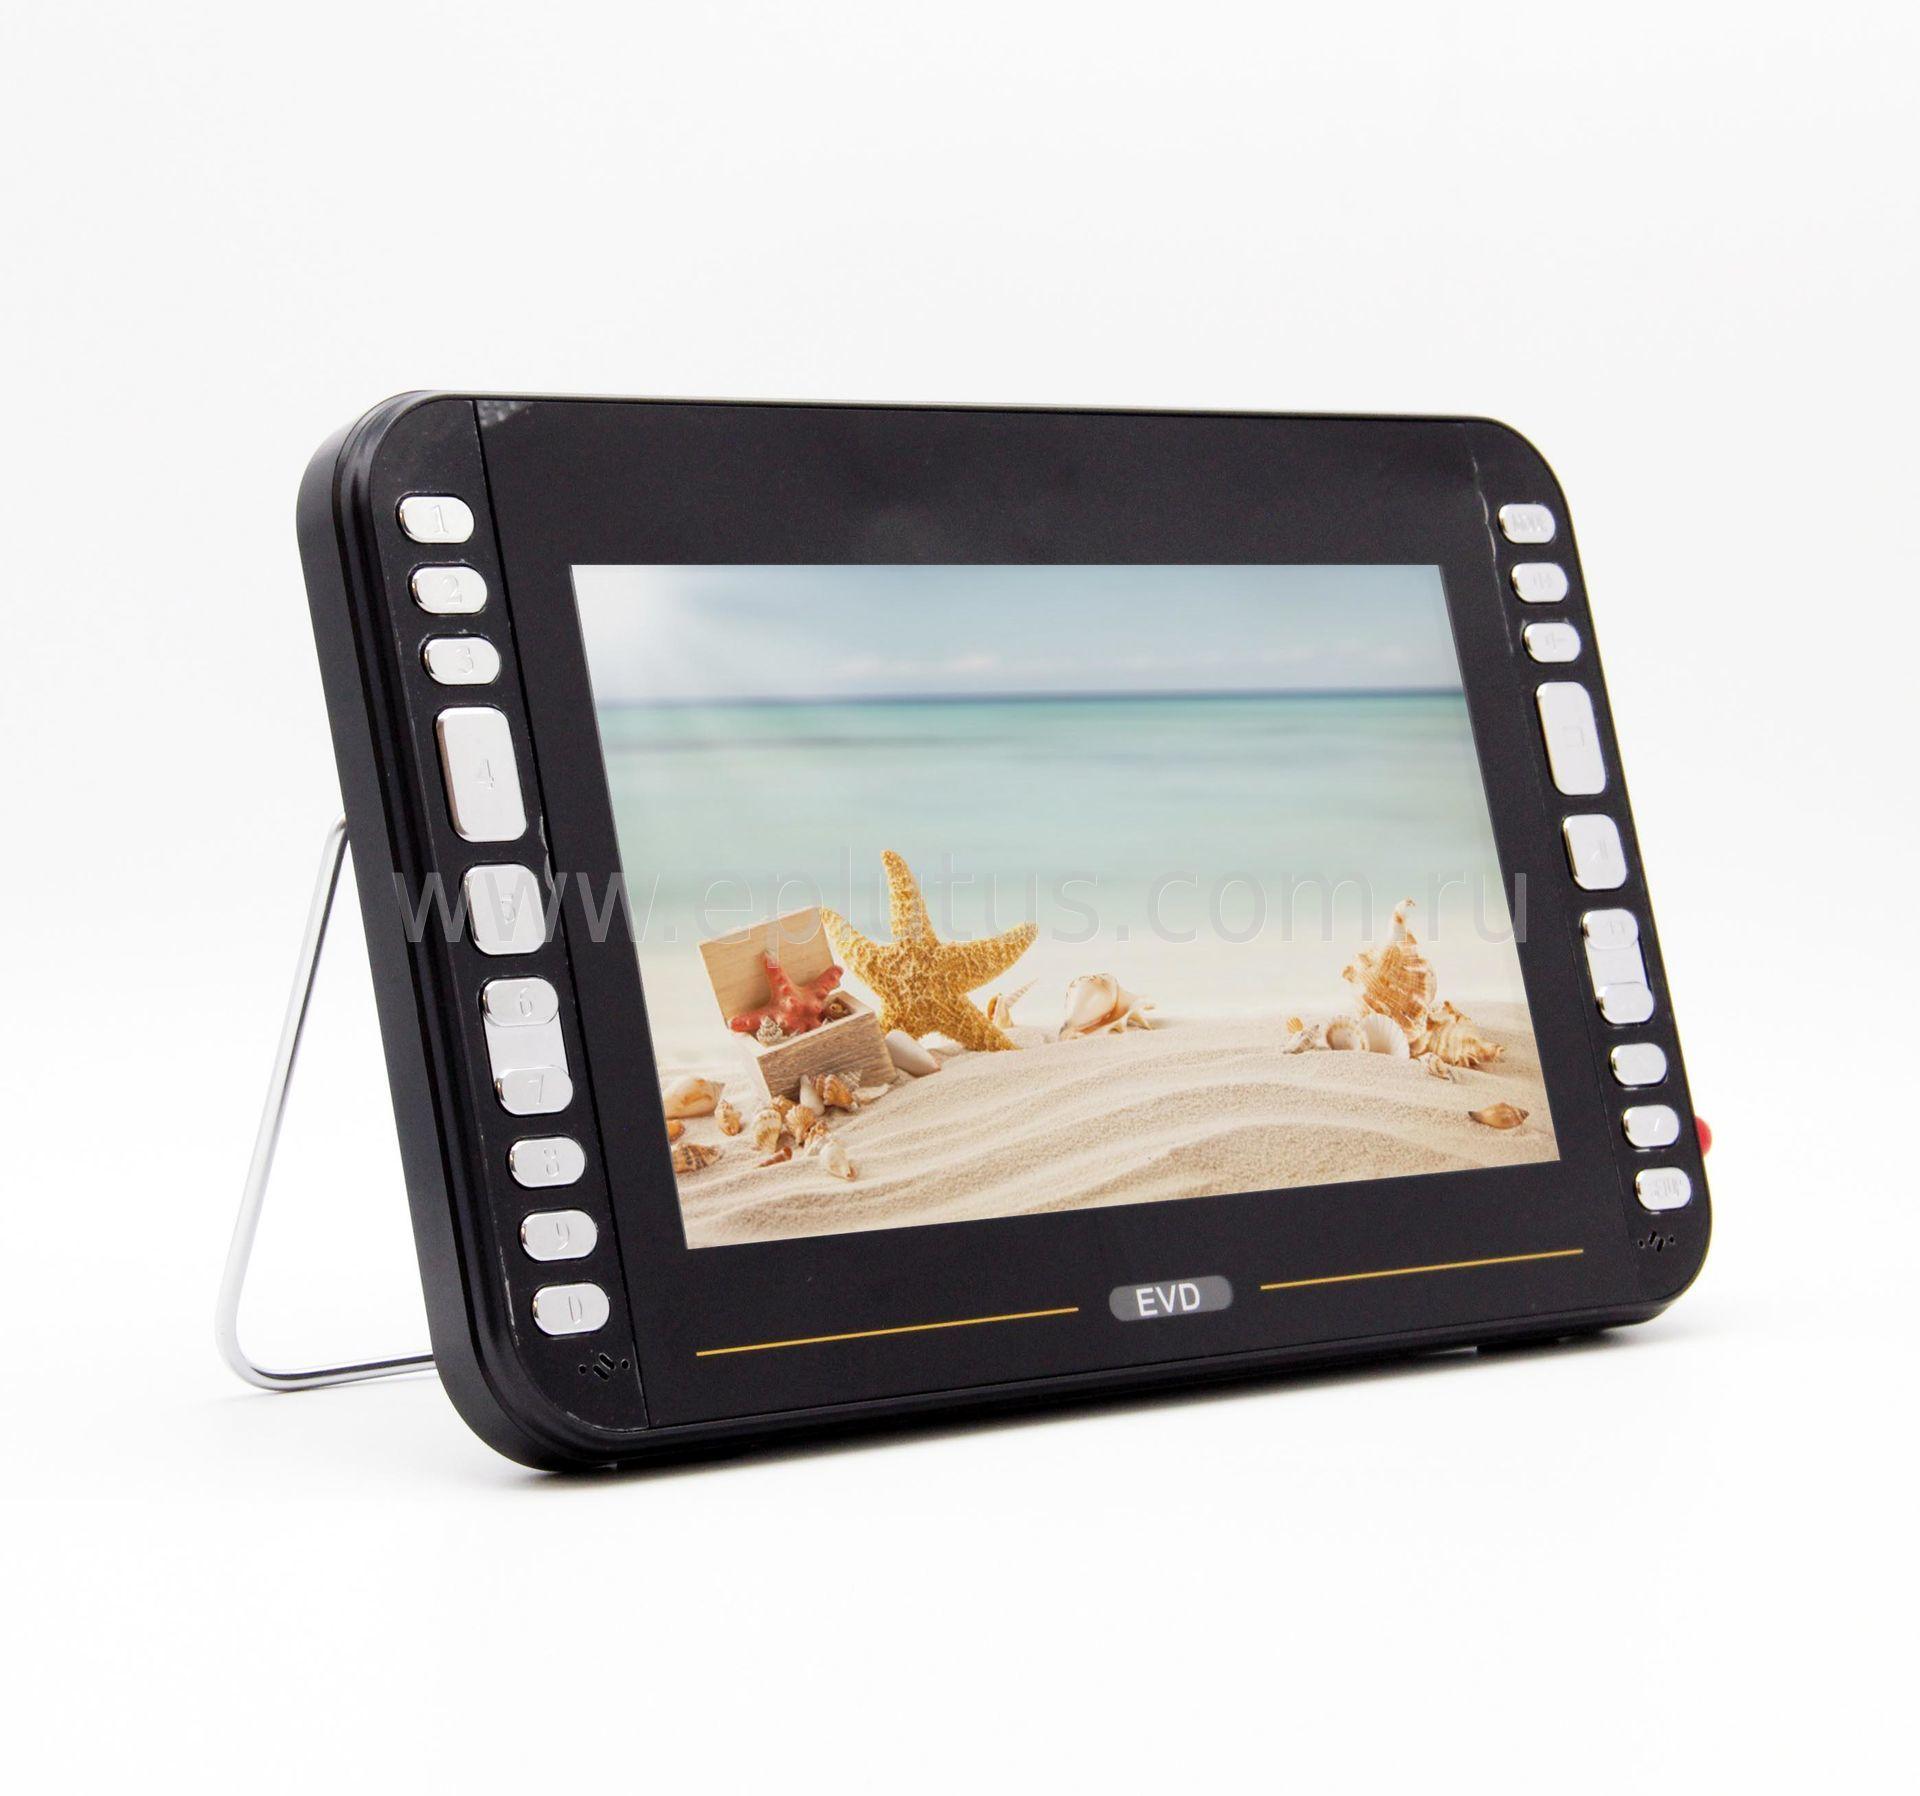 DVD-плеер Eplutus LS-105Т (+ Разветвитель в подарок!) цена и фото